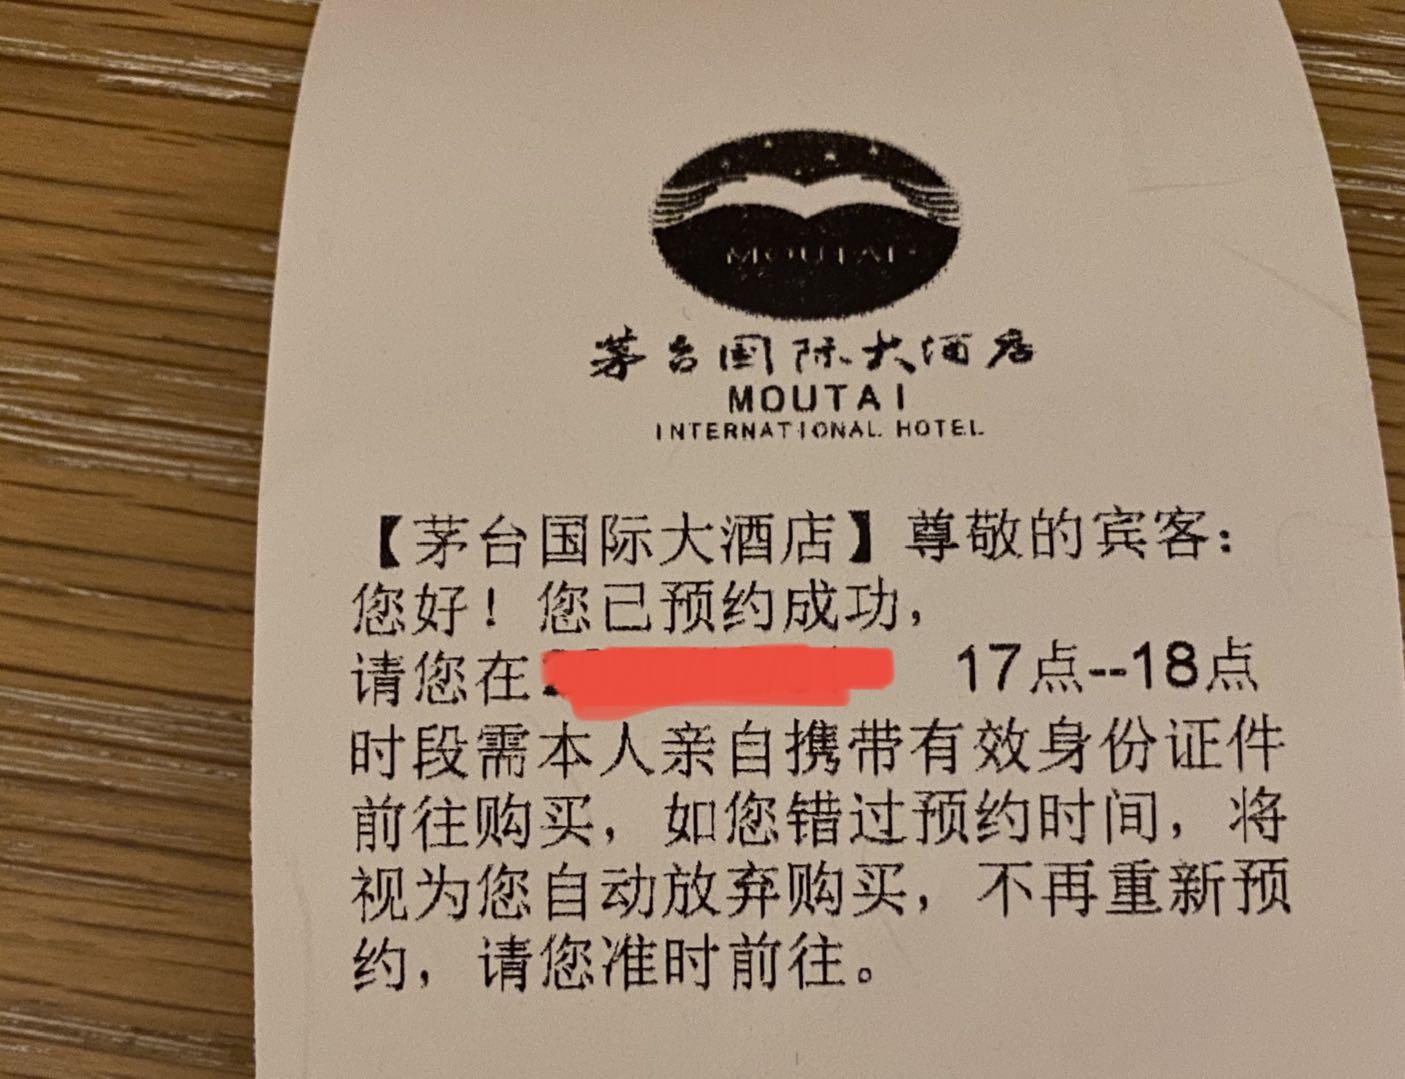 茅台国际大酒店调整规则:住客不再享有1499元买飞天茅台资格